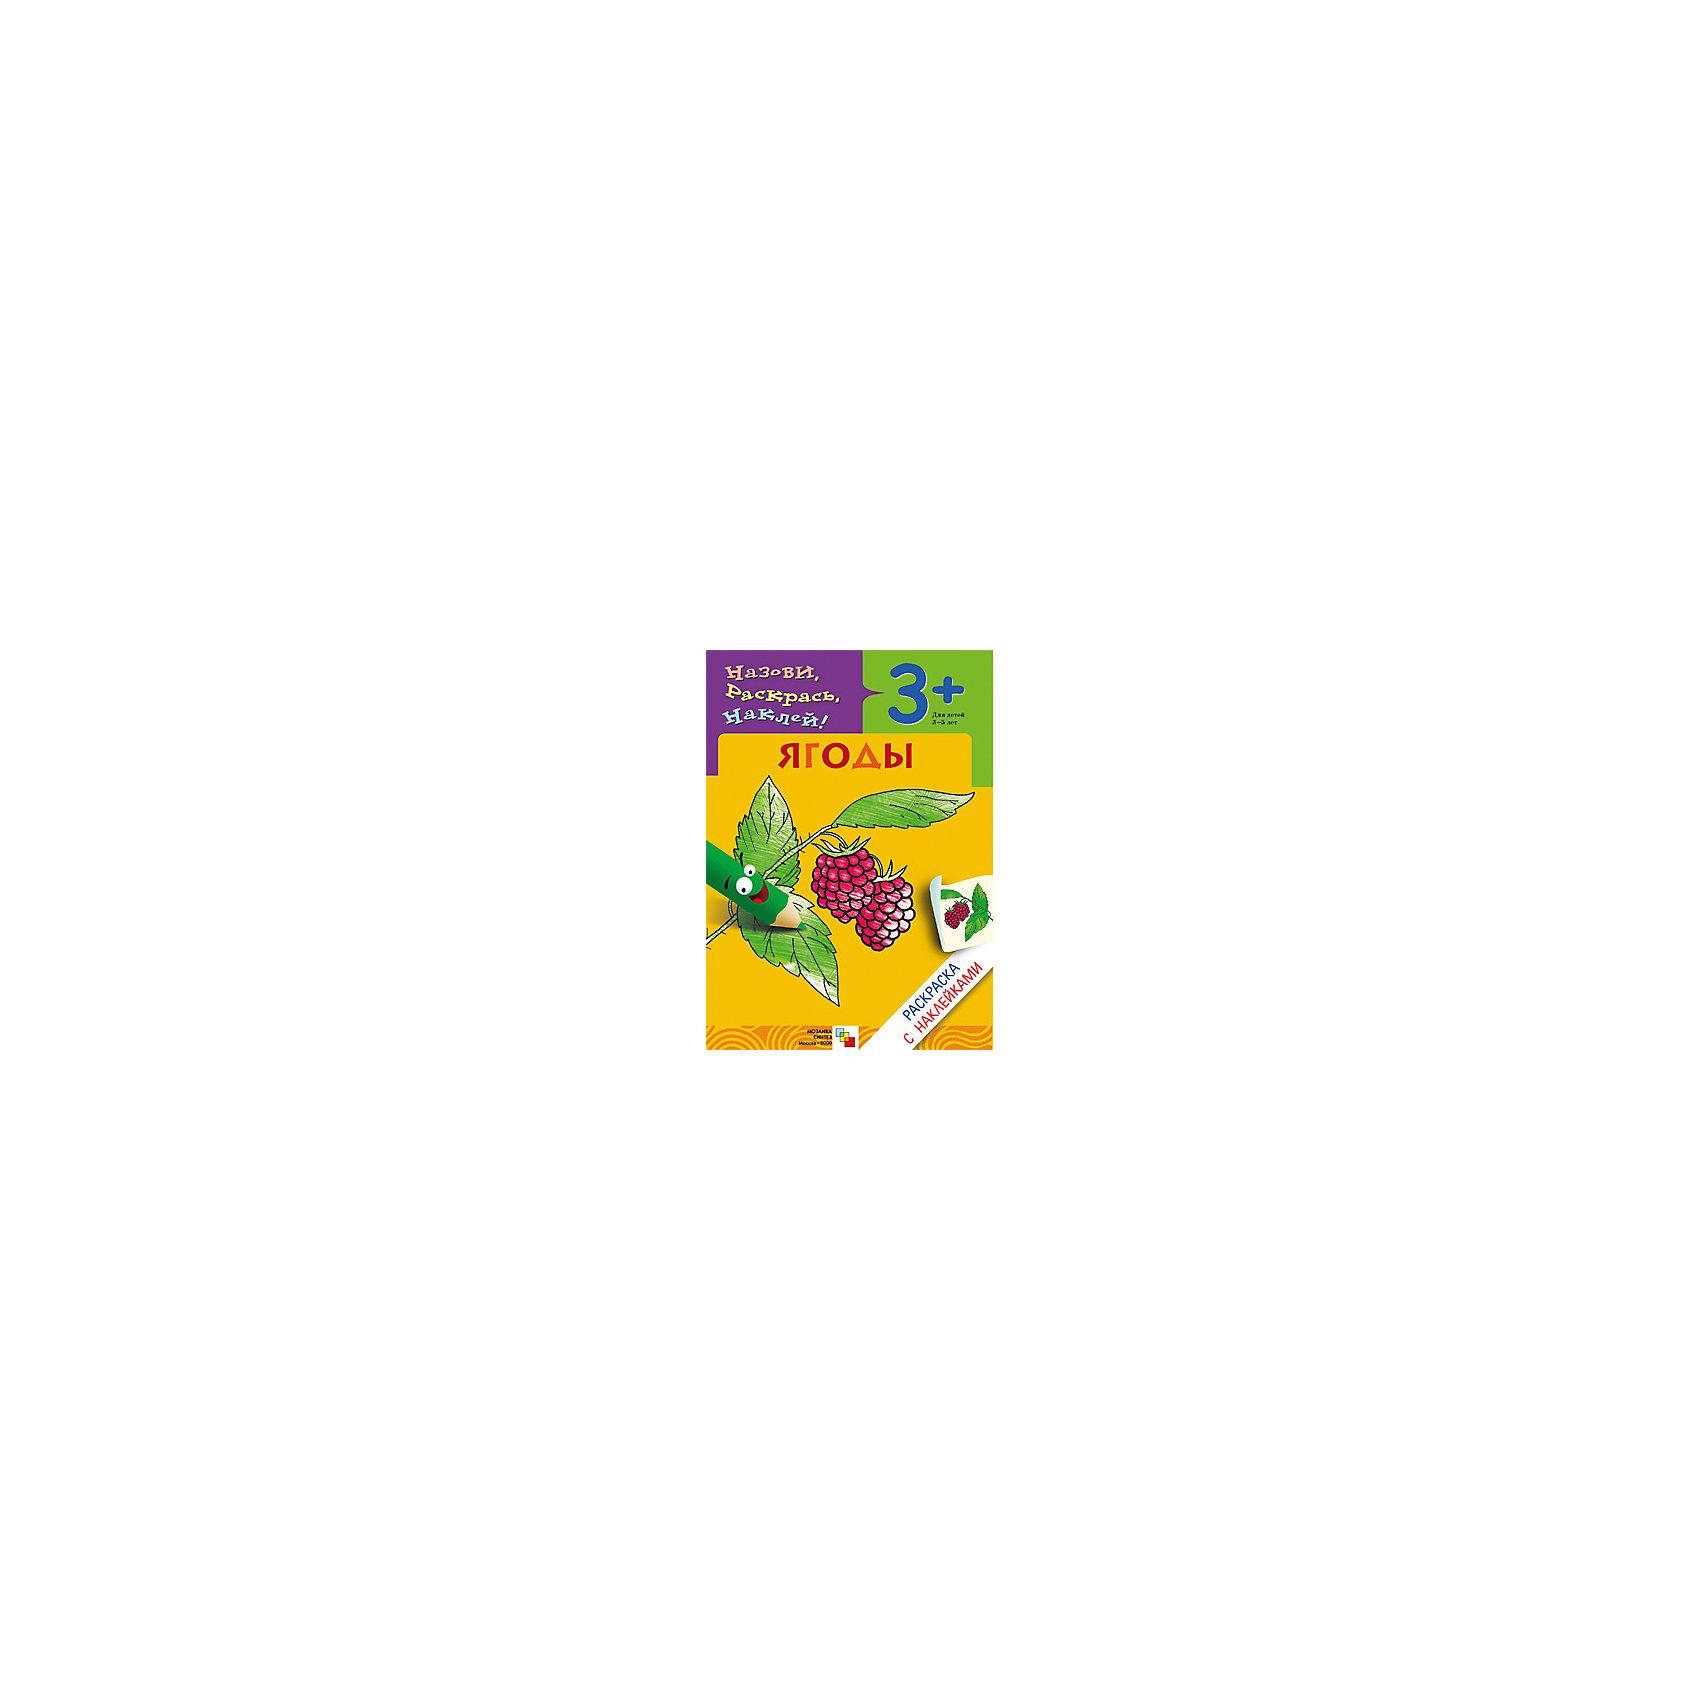 Раскраска с наклейками ЯгодыРисование<br>Раскраска с наклейками.Ягоды<br>Замечательные познавательные раскраски серии Назови, раскрась, наклей! издательства Мозаика-Синтез не оставят равнодушным ни одного малыша!<br>Раскраска Ягоды содержит изображения: виноград, вишня, клубника, крыжовник, малина, слива, смородина, черника.<br>Книжки-раскраски этой серии очень удобного формата (размер детской раскраски -17*24 см.), их легко взять с собой на прогулку, в поликлинику, в гости.<br>Яркие красочные наклейки, четкий контур, реалистичность изображения.<br>С помощью раскрасок данной серии малыш узнает много нового и интересного о животных, птицах, растениях и множестве других вещей.<br>Раскраску приятно взять в руки: качественная плотная белая бумага, яркие наклейки.<br>На каждой страничке представлен один предмет.<br> Сверху - небольшое четверостишие о персонаже, рядом - место для наклейки, а под стихотворением - непосредственно раскраска.<br>Сзади - на форзаце книги приведено несколько заданий, которые можно выполнить, используя дополнительные наклейки.<br> Например, приклеить недостающие буквы в слове или же наклейку с тем или иным предметом (животным).<br>В каждой книжке-раскраске - изображения 8 предметов или животных.<br>С наклейками книжка оживает, по сути превращаясь в развивающий атлас на данную тему.<br>Соберите полную коллекцию развивающих раскрасок!<br>Такой мини-атлас пригодится для определения грибов, ягод, деревьев в лесу, или для классификации животных при посещении зоопарка или цирка.<br><br>Ширина мм: 20<br>Глубина мм: 170<br>Высота мм: 240<br>Вес г: 55<br>Возраст от месяцев: 36<br>Возраст до месяцев: 60<br>Пол: Унисекс<br>Возраст: Детский<br>SKU: 5562605